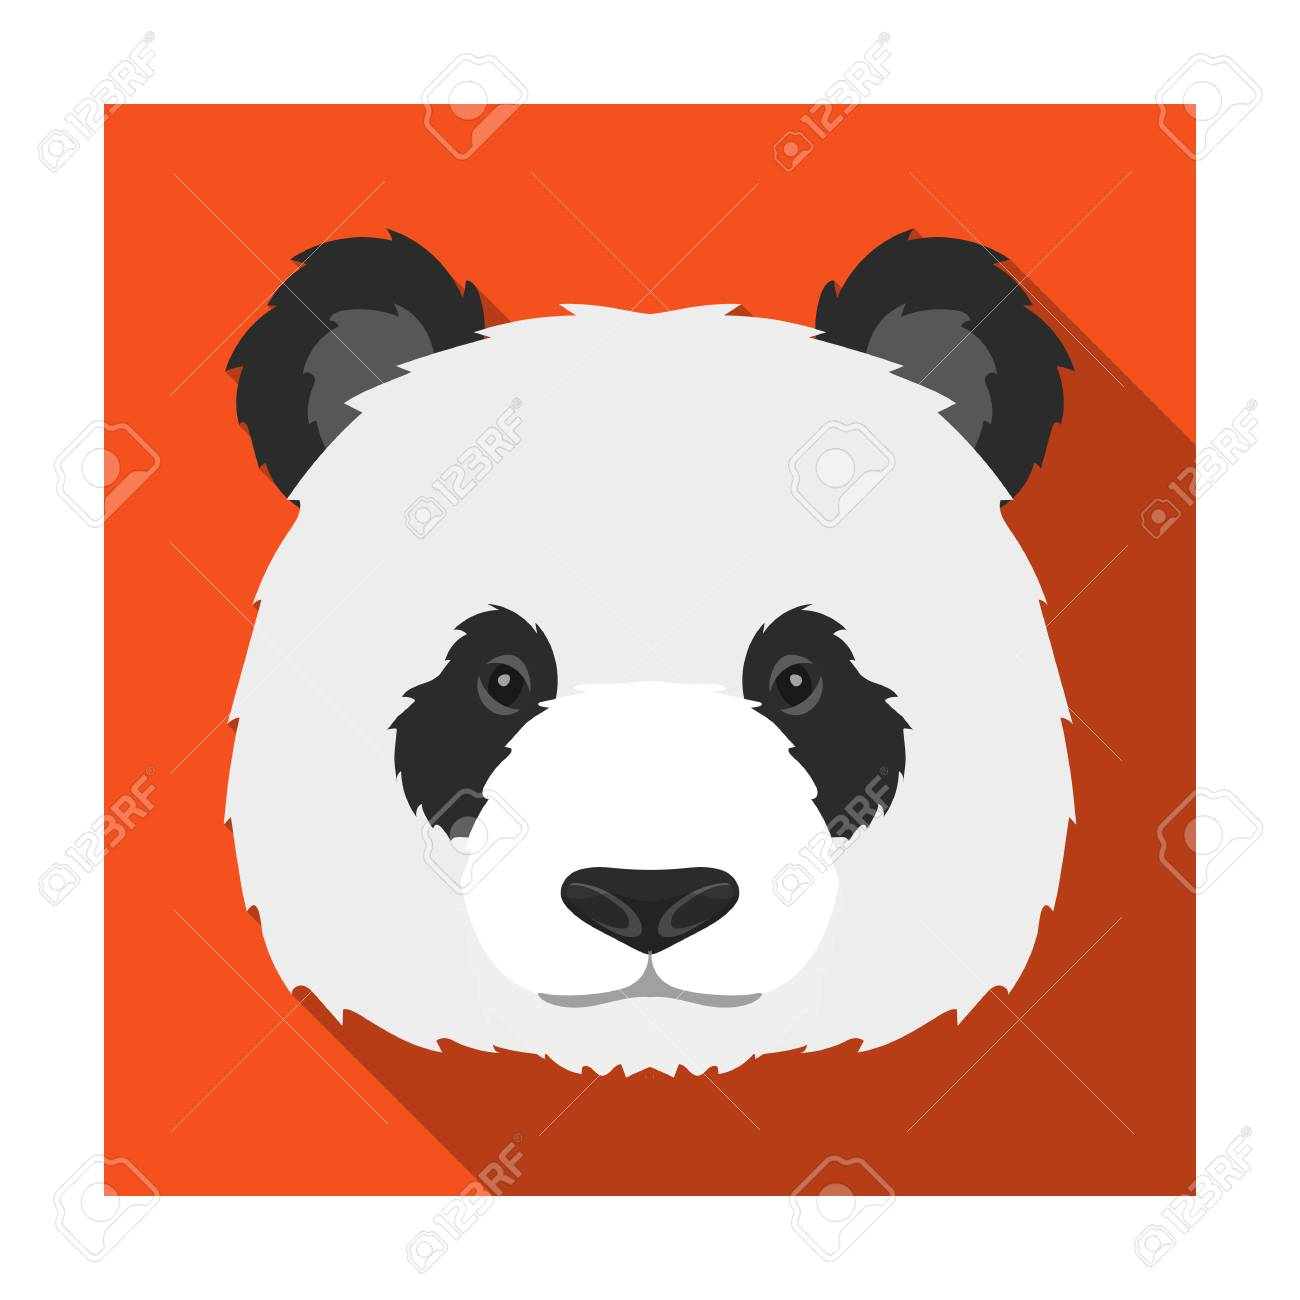 パンダ アイコンを白い背景に分離したフラットなデザイン。リアルな動物